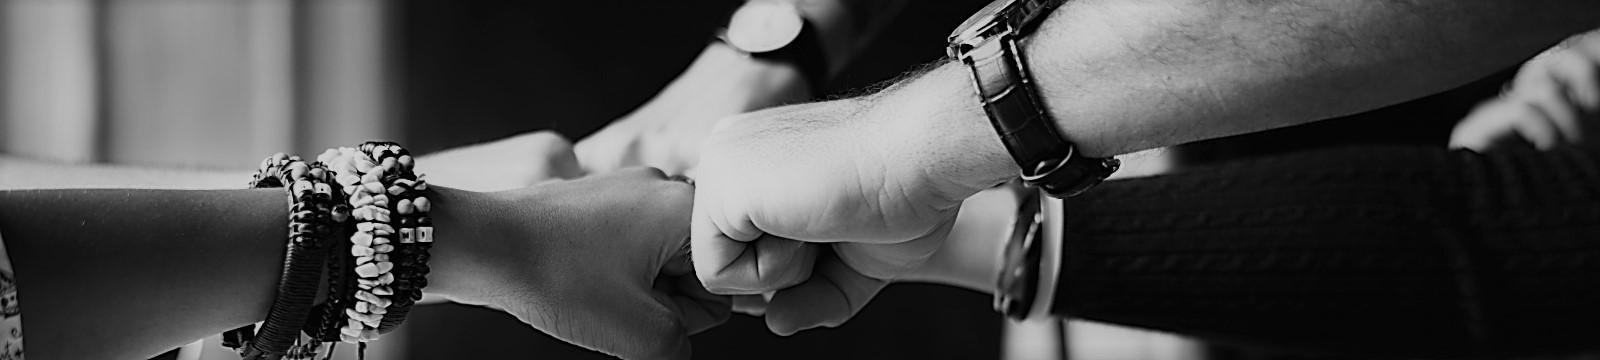 Thio bracelets collaboration colleagues 398532 1600x360 3